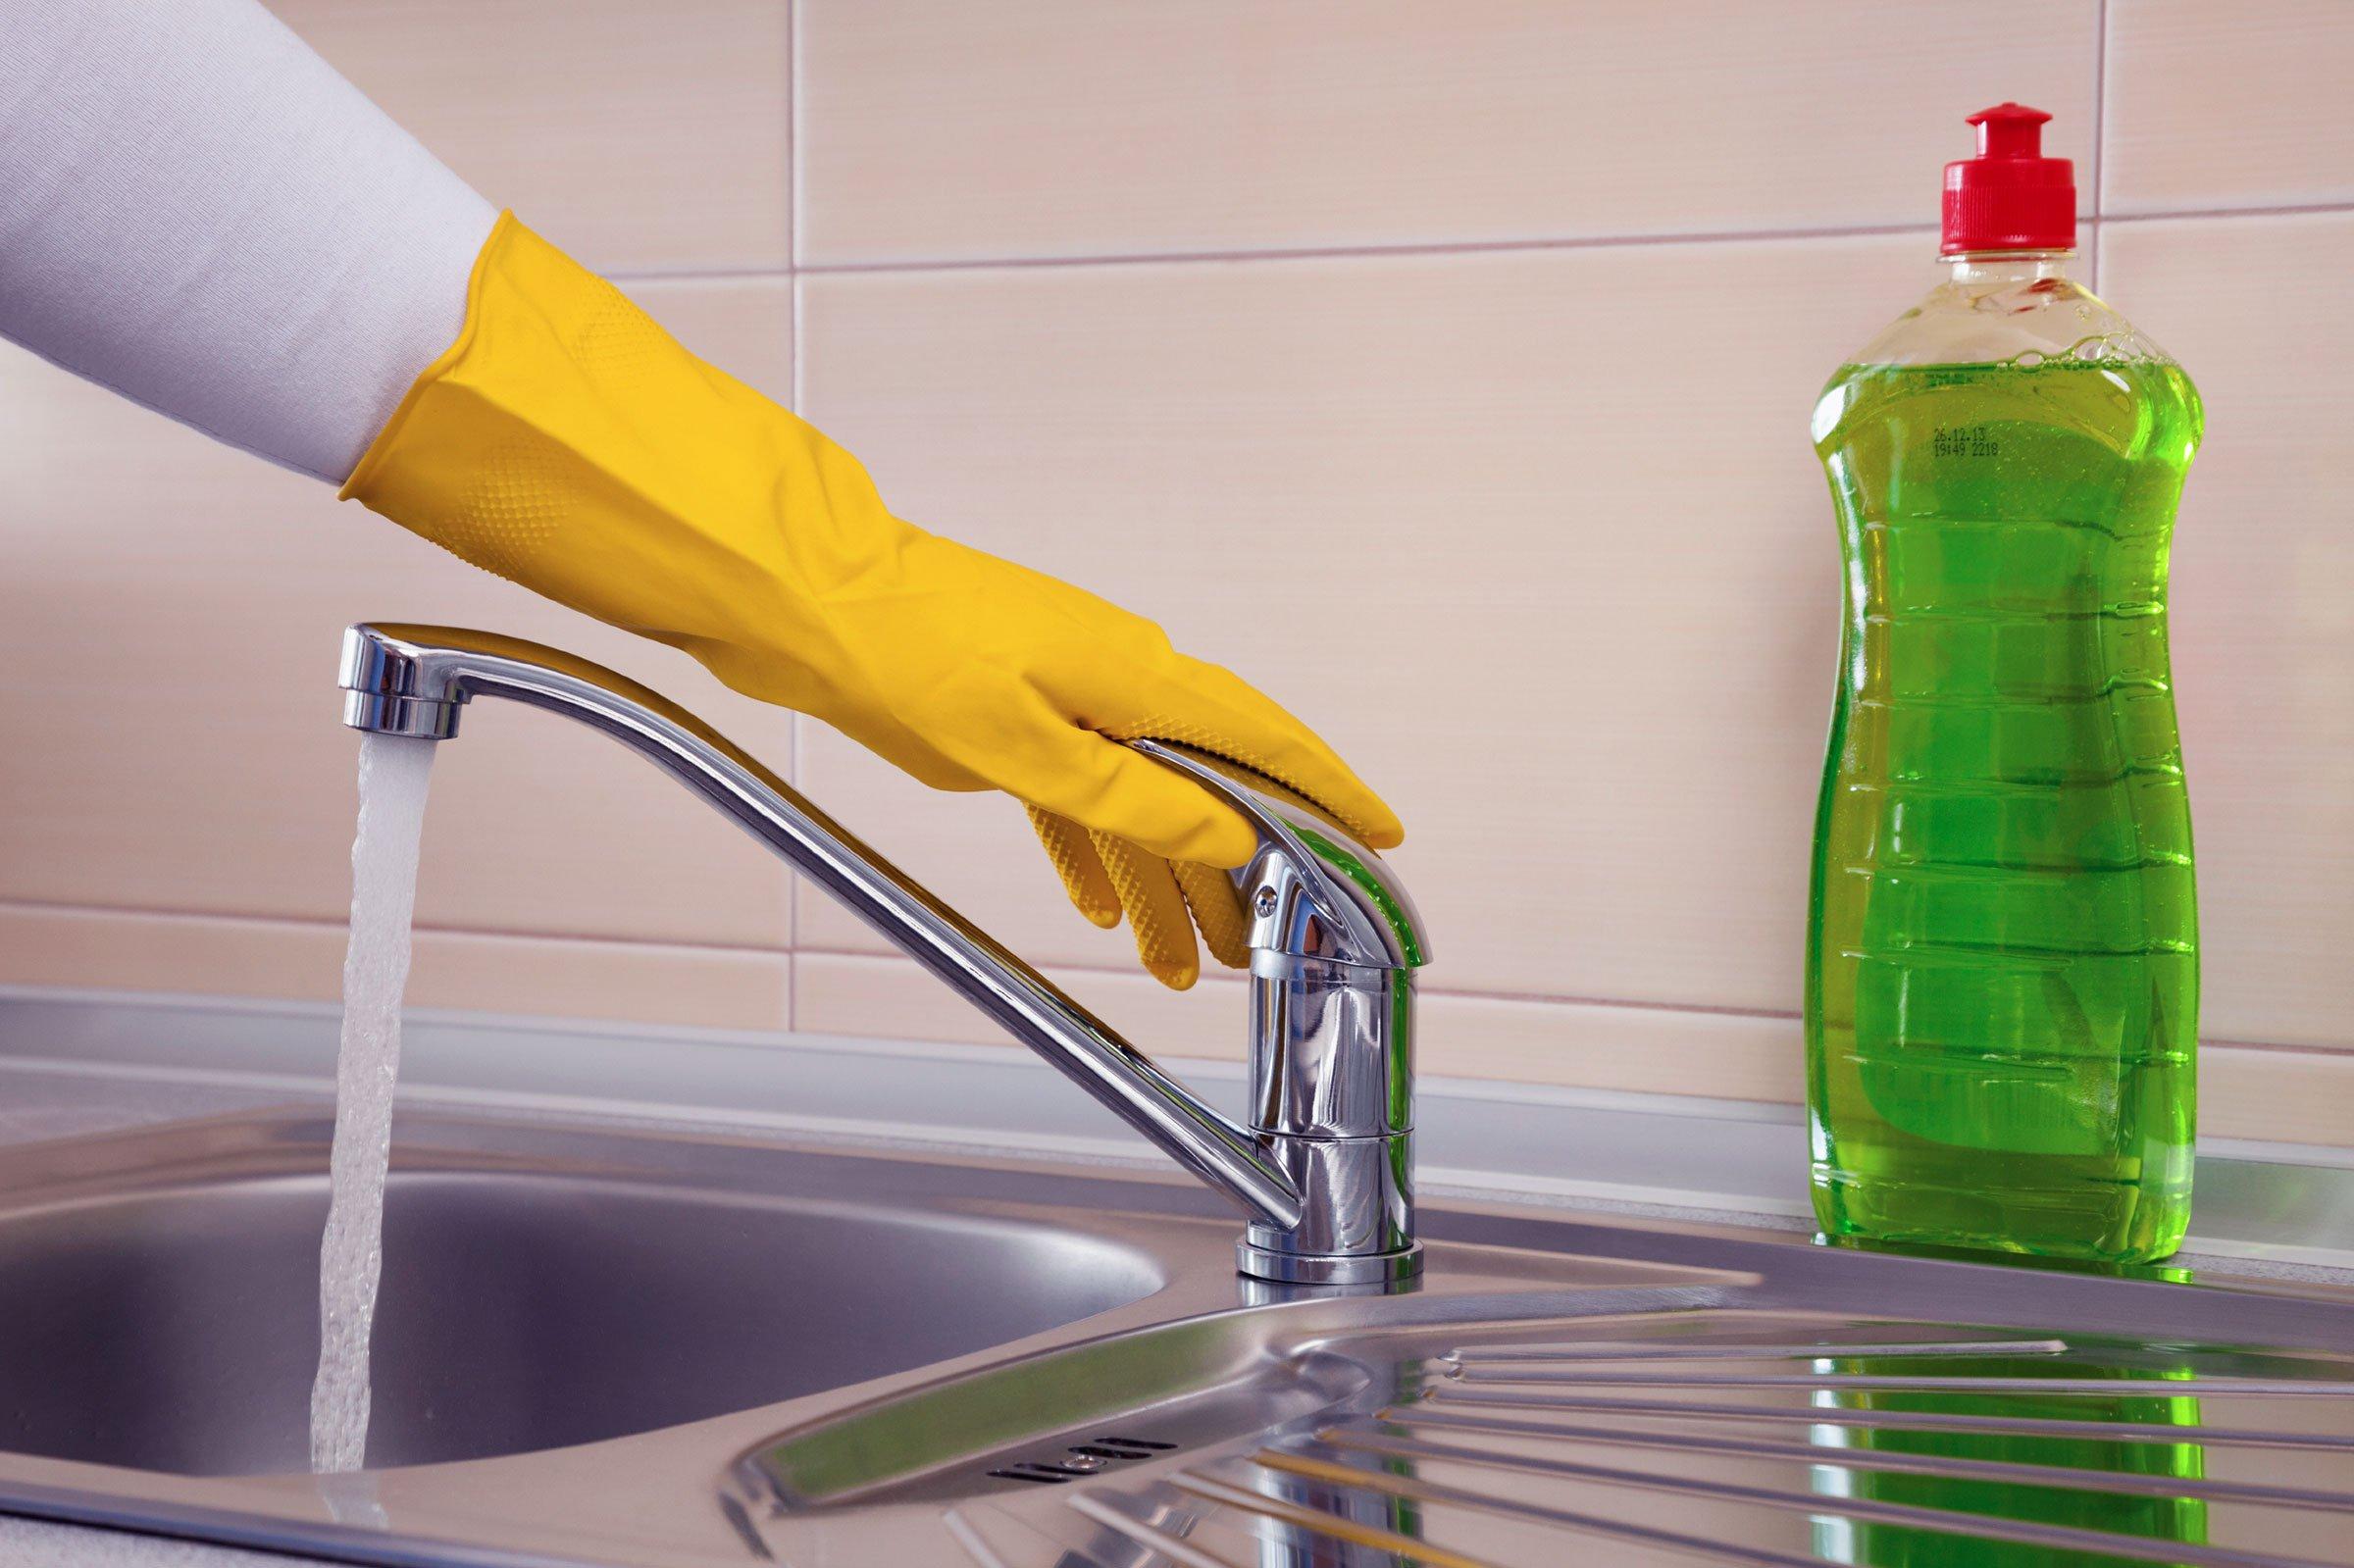 Средства для дезинфекции холодильника